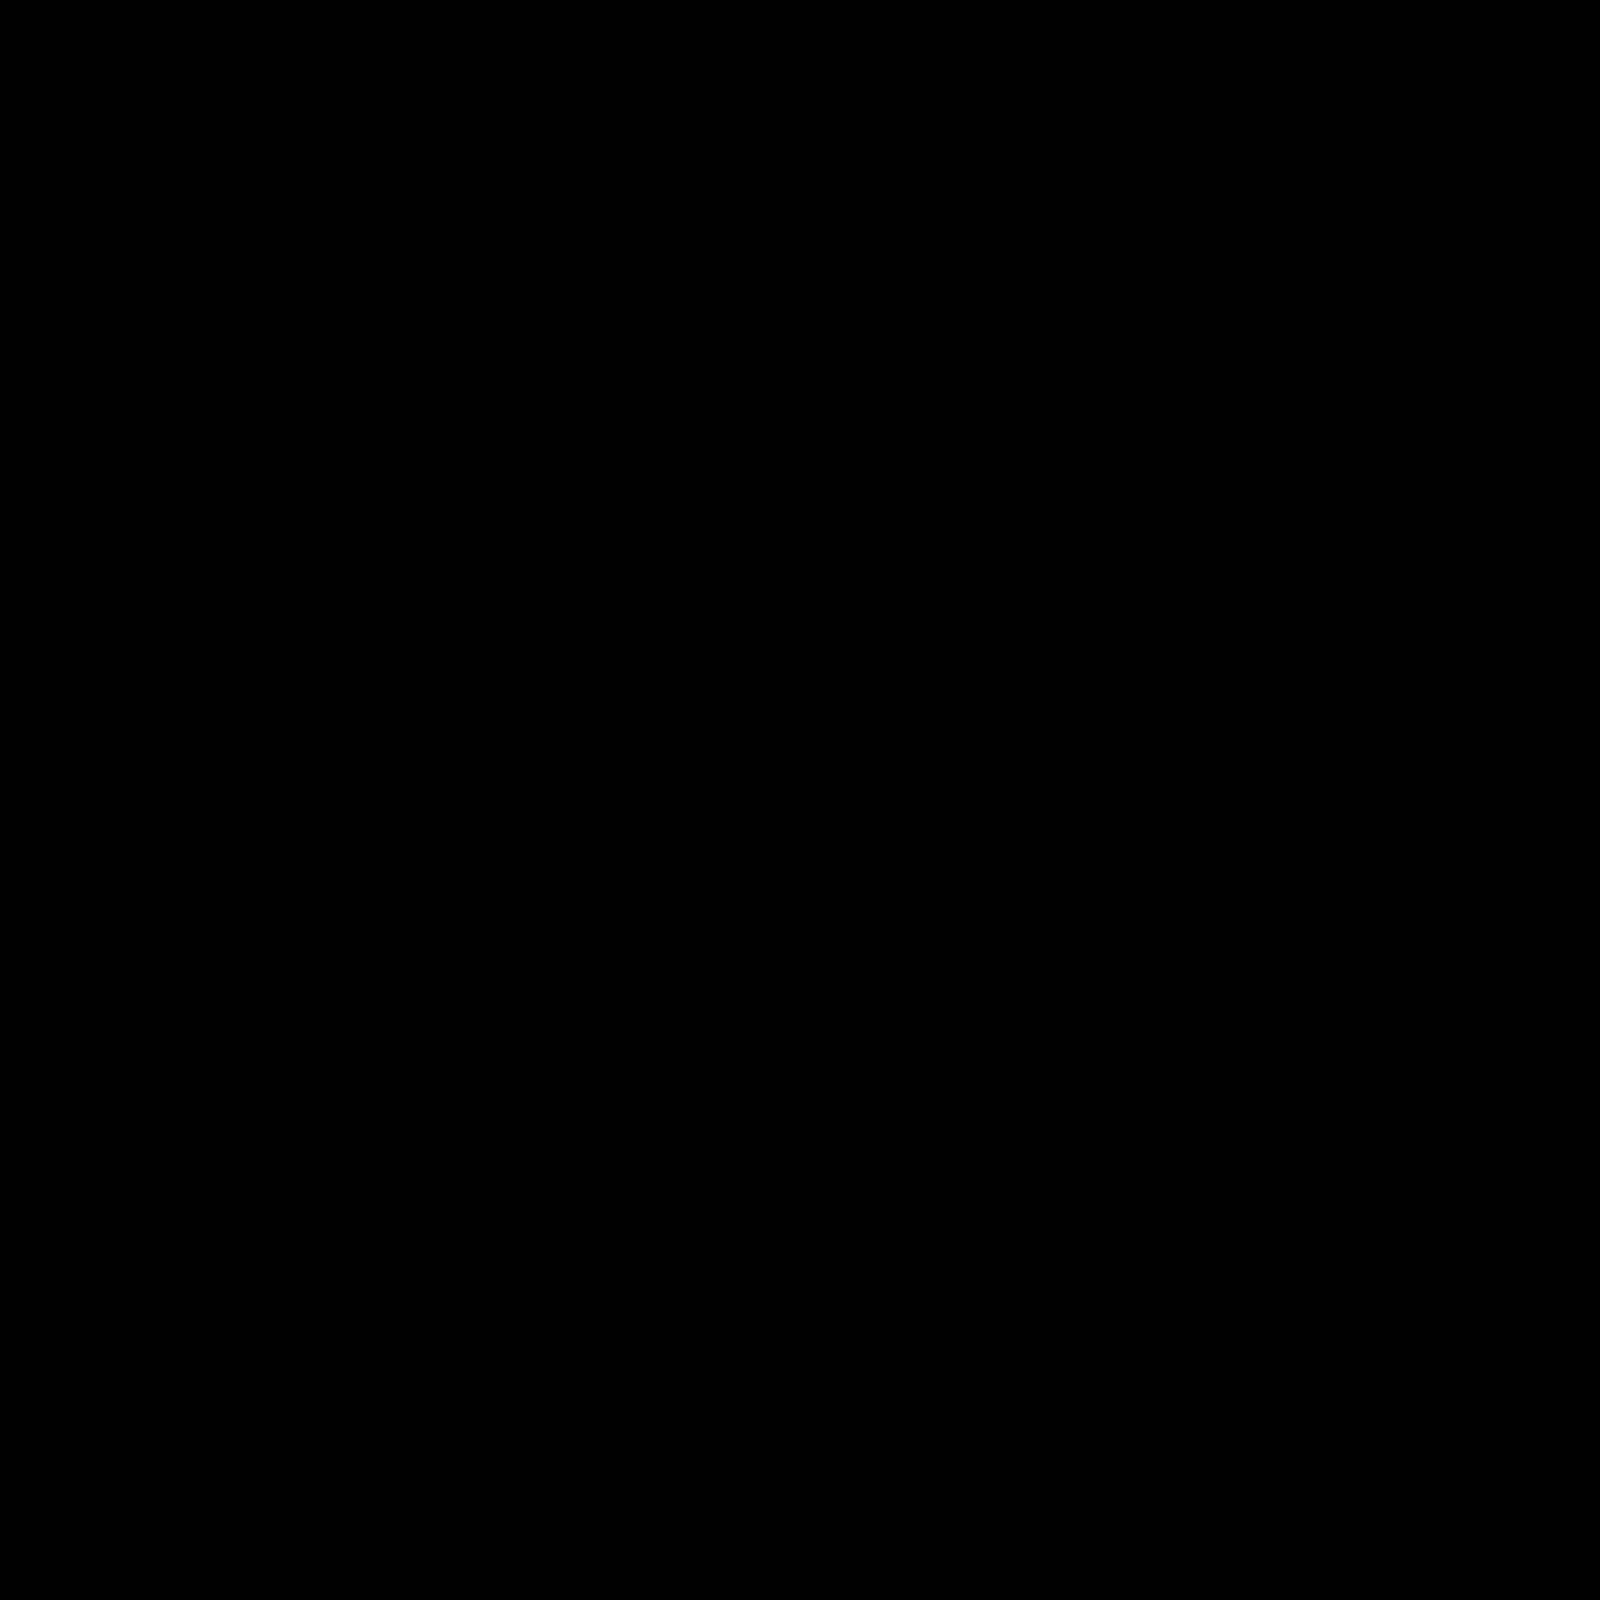 180 stopni icon